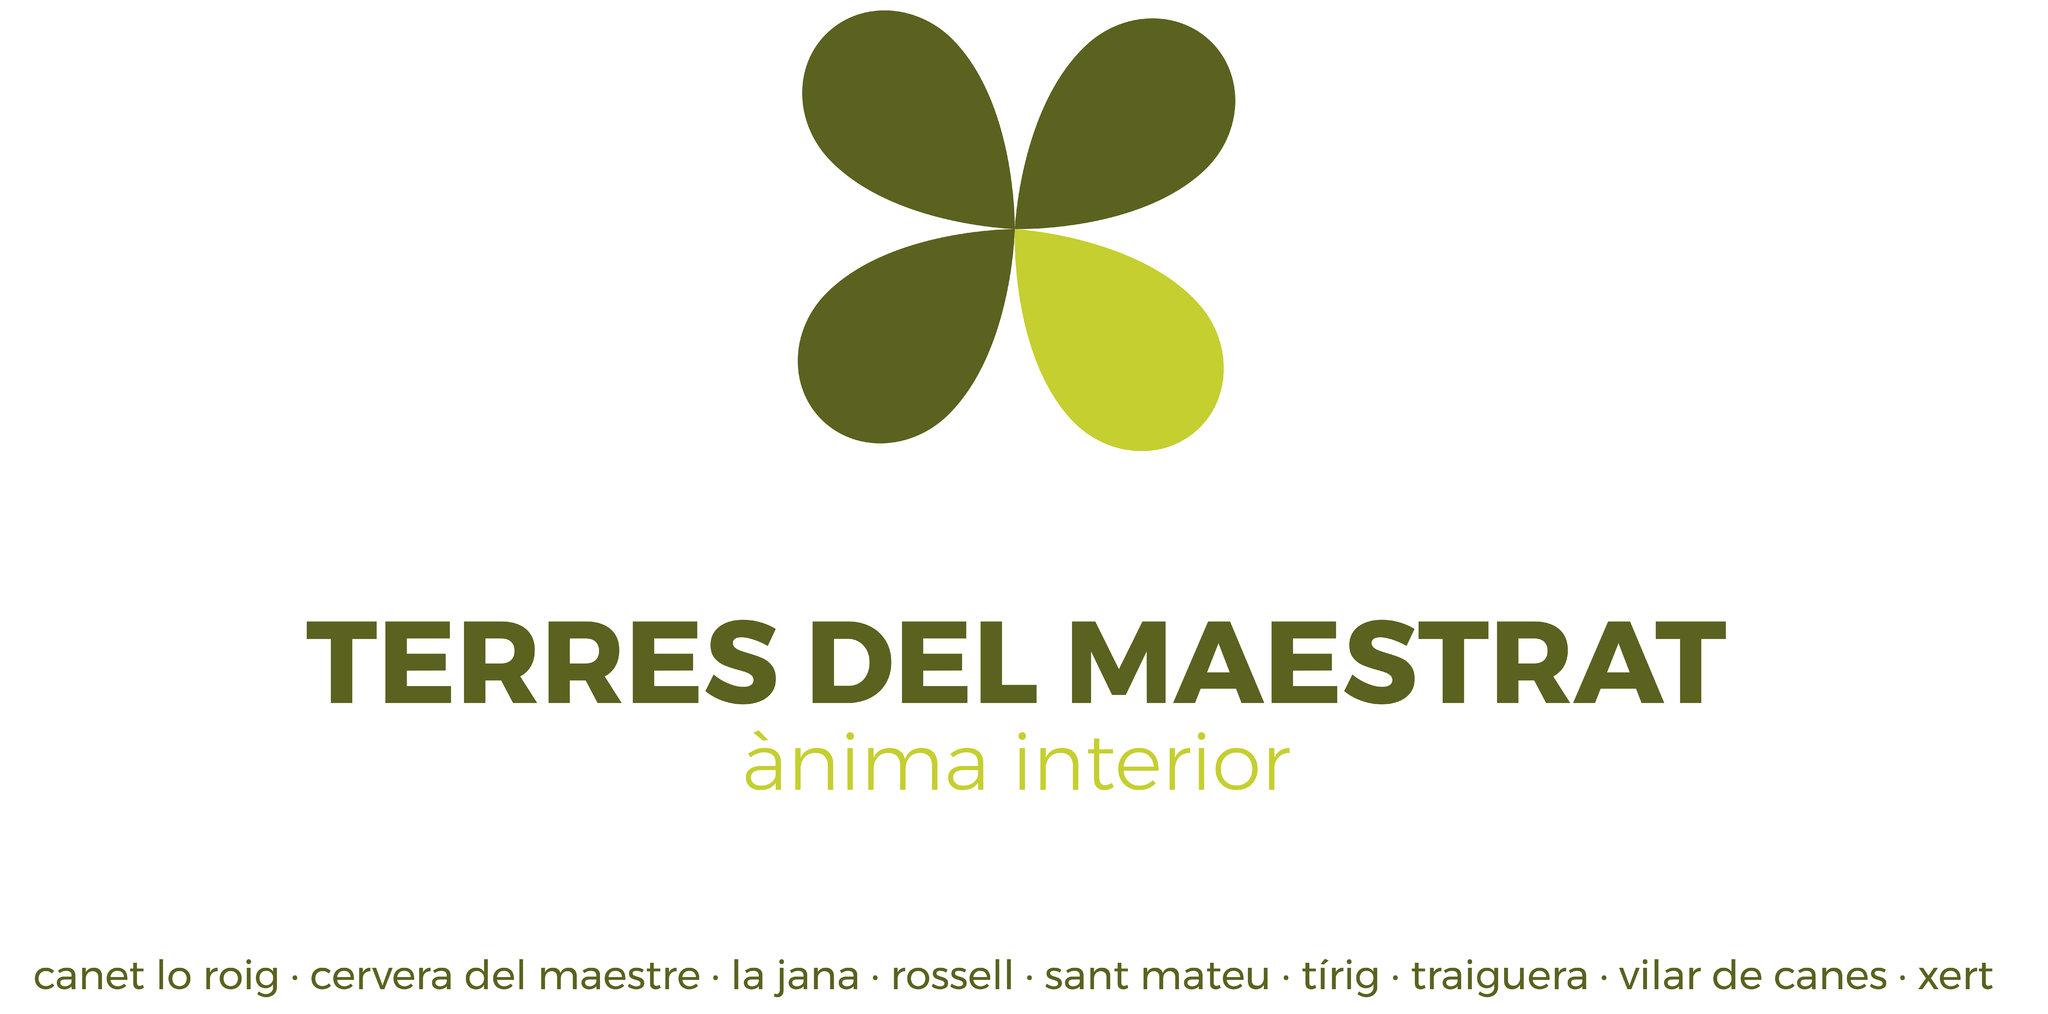 Associació Promoció Turística Terres del Maestrat. Ànima Interior (Pacte per l'Ocupació Castelló Nord)